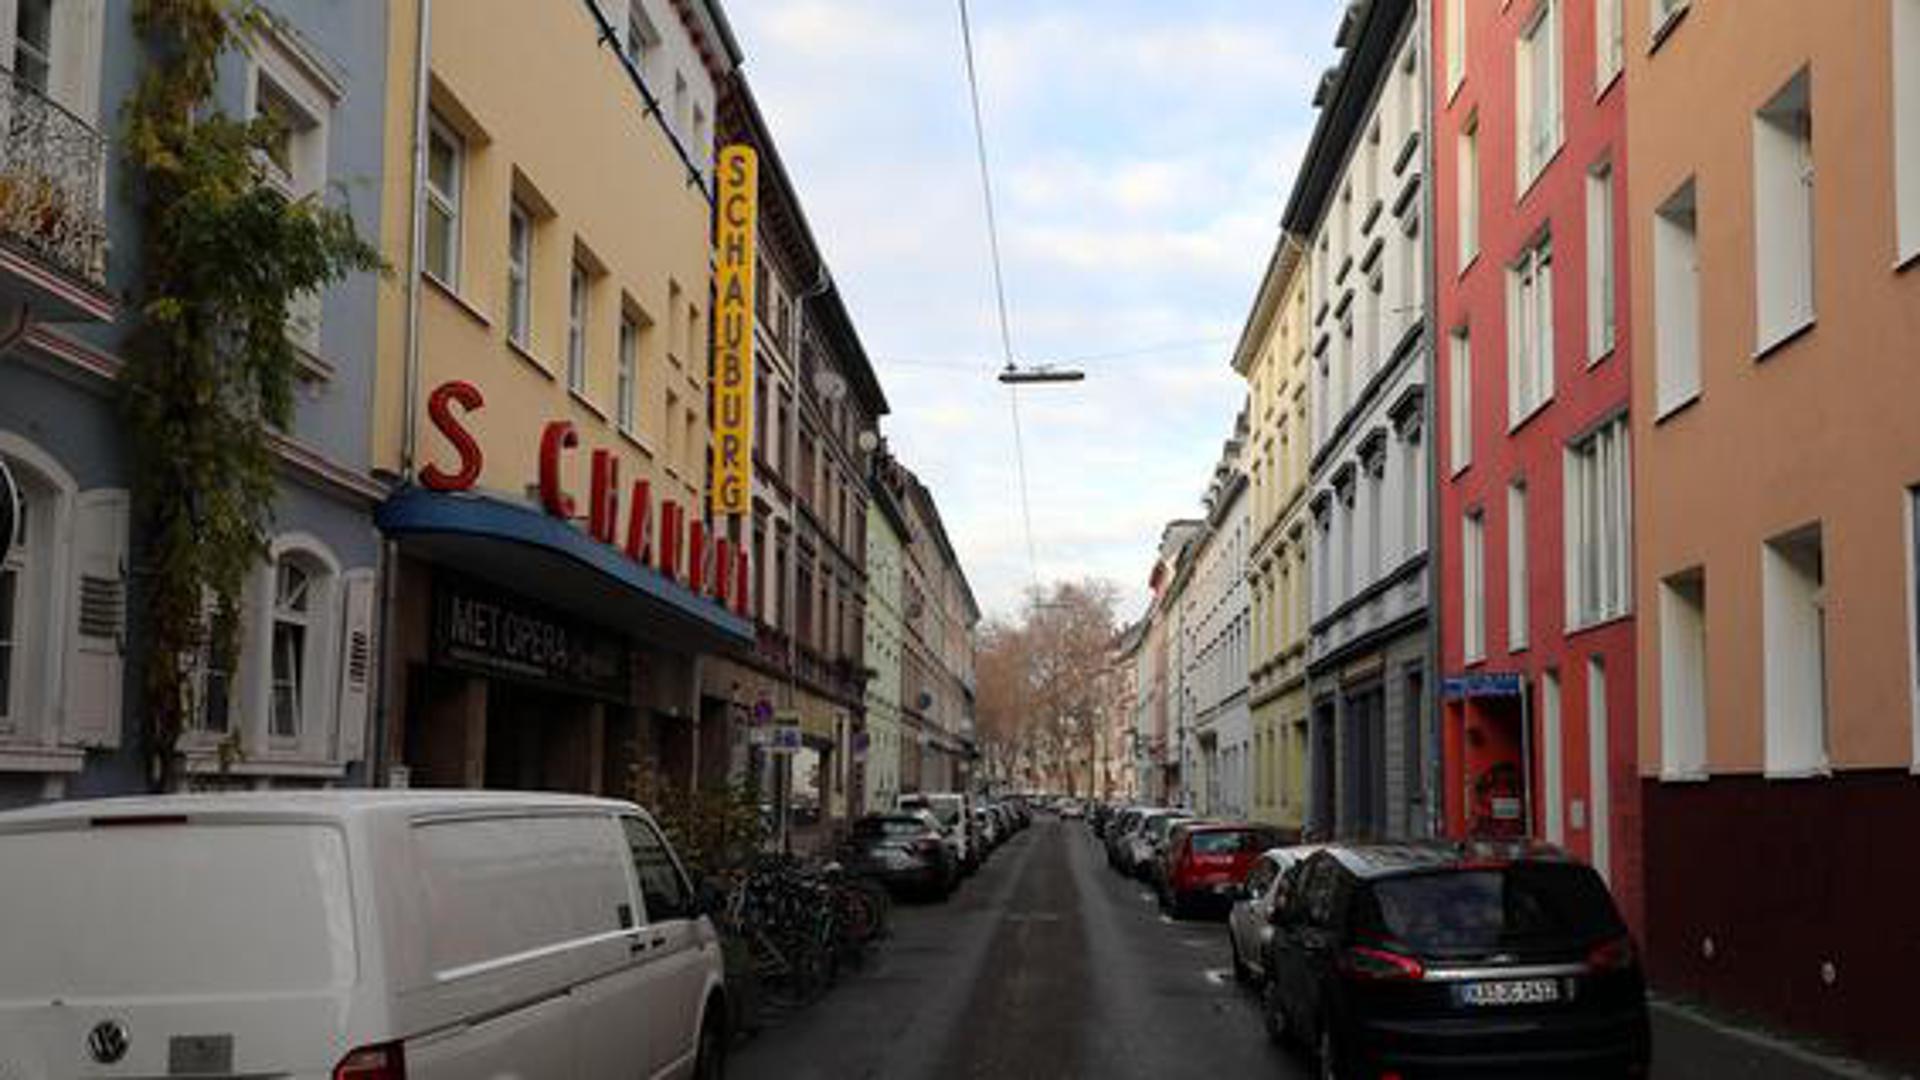 Höher bewertet: Viele Wohnungen in City-Nähe wie in der Marienstraße in der Südstadt rutschen durch die neue Lage-Beurteilung des Mietspiegels im Jahr 2021 in eine andere Kategorie.